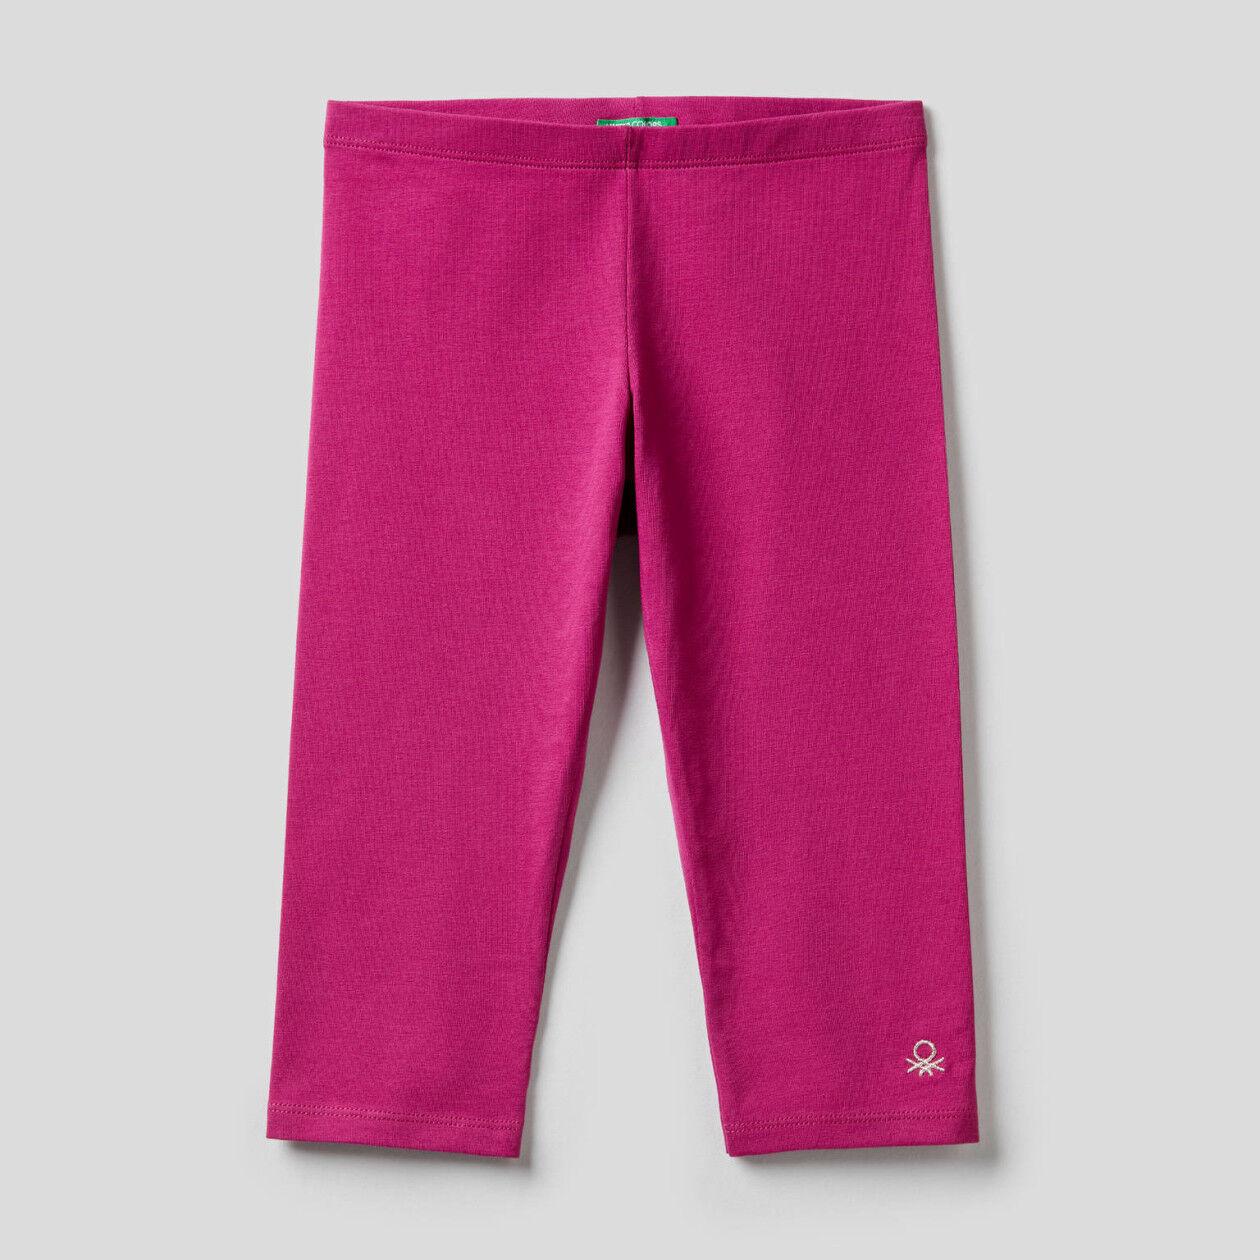 3/4 leggings